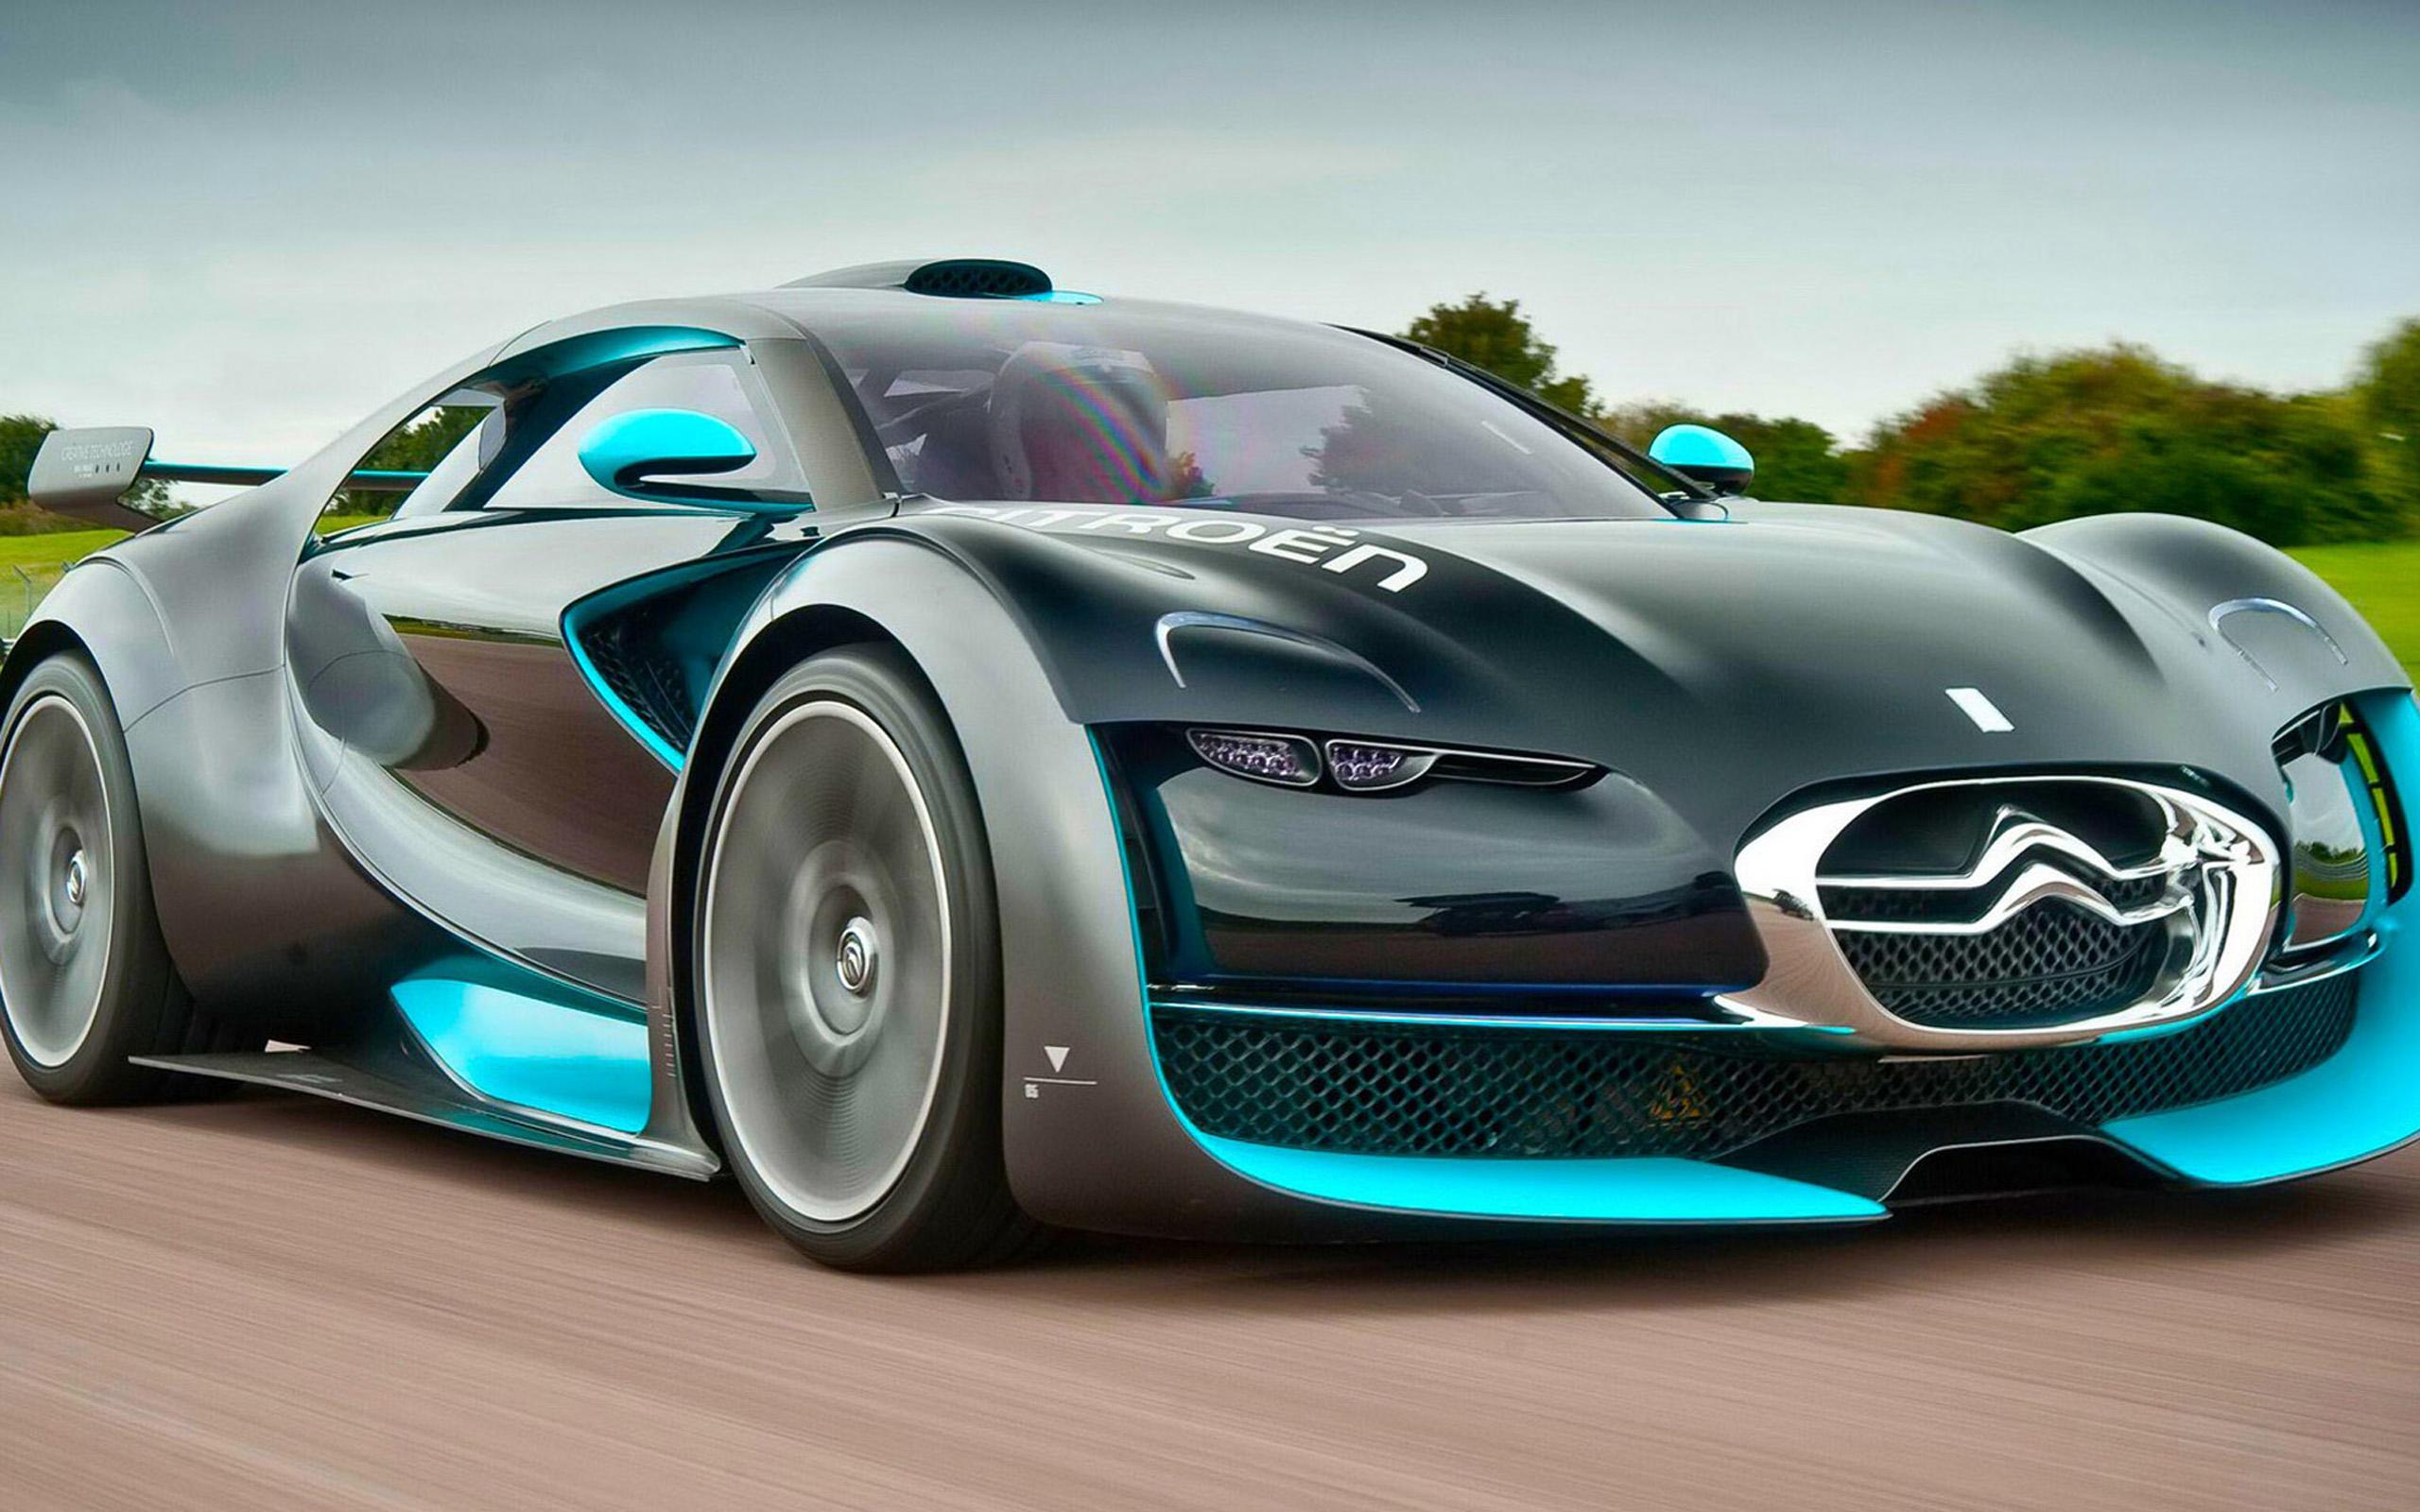 спортивный автомобиль peugeot concept sports car  № 958927 загрузить